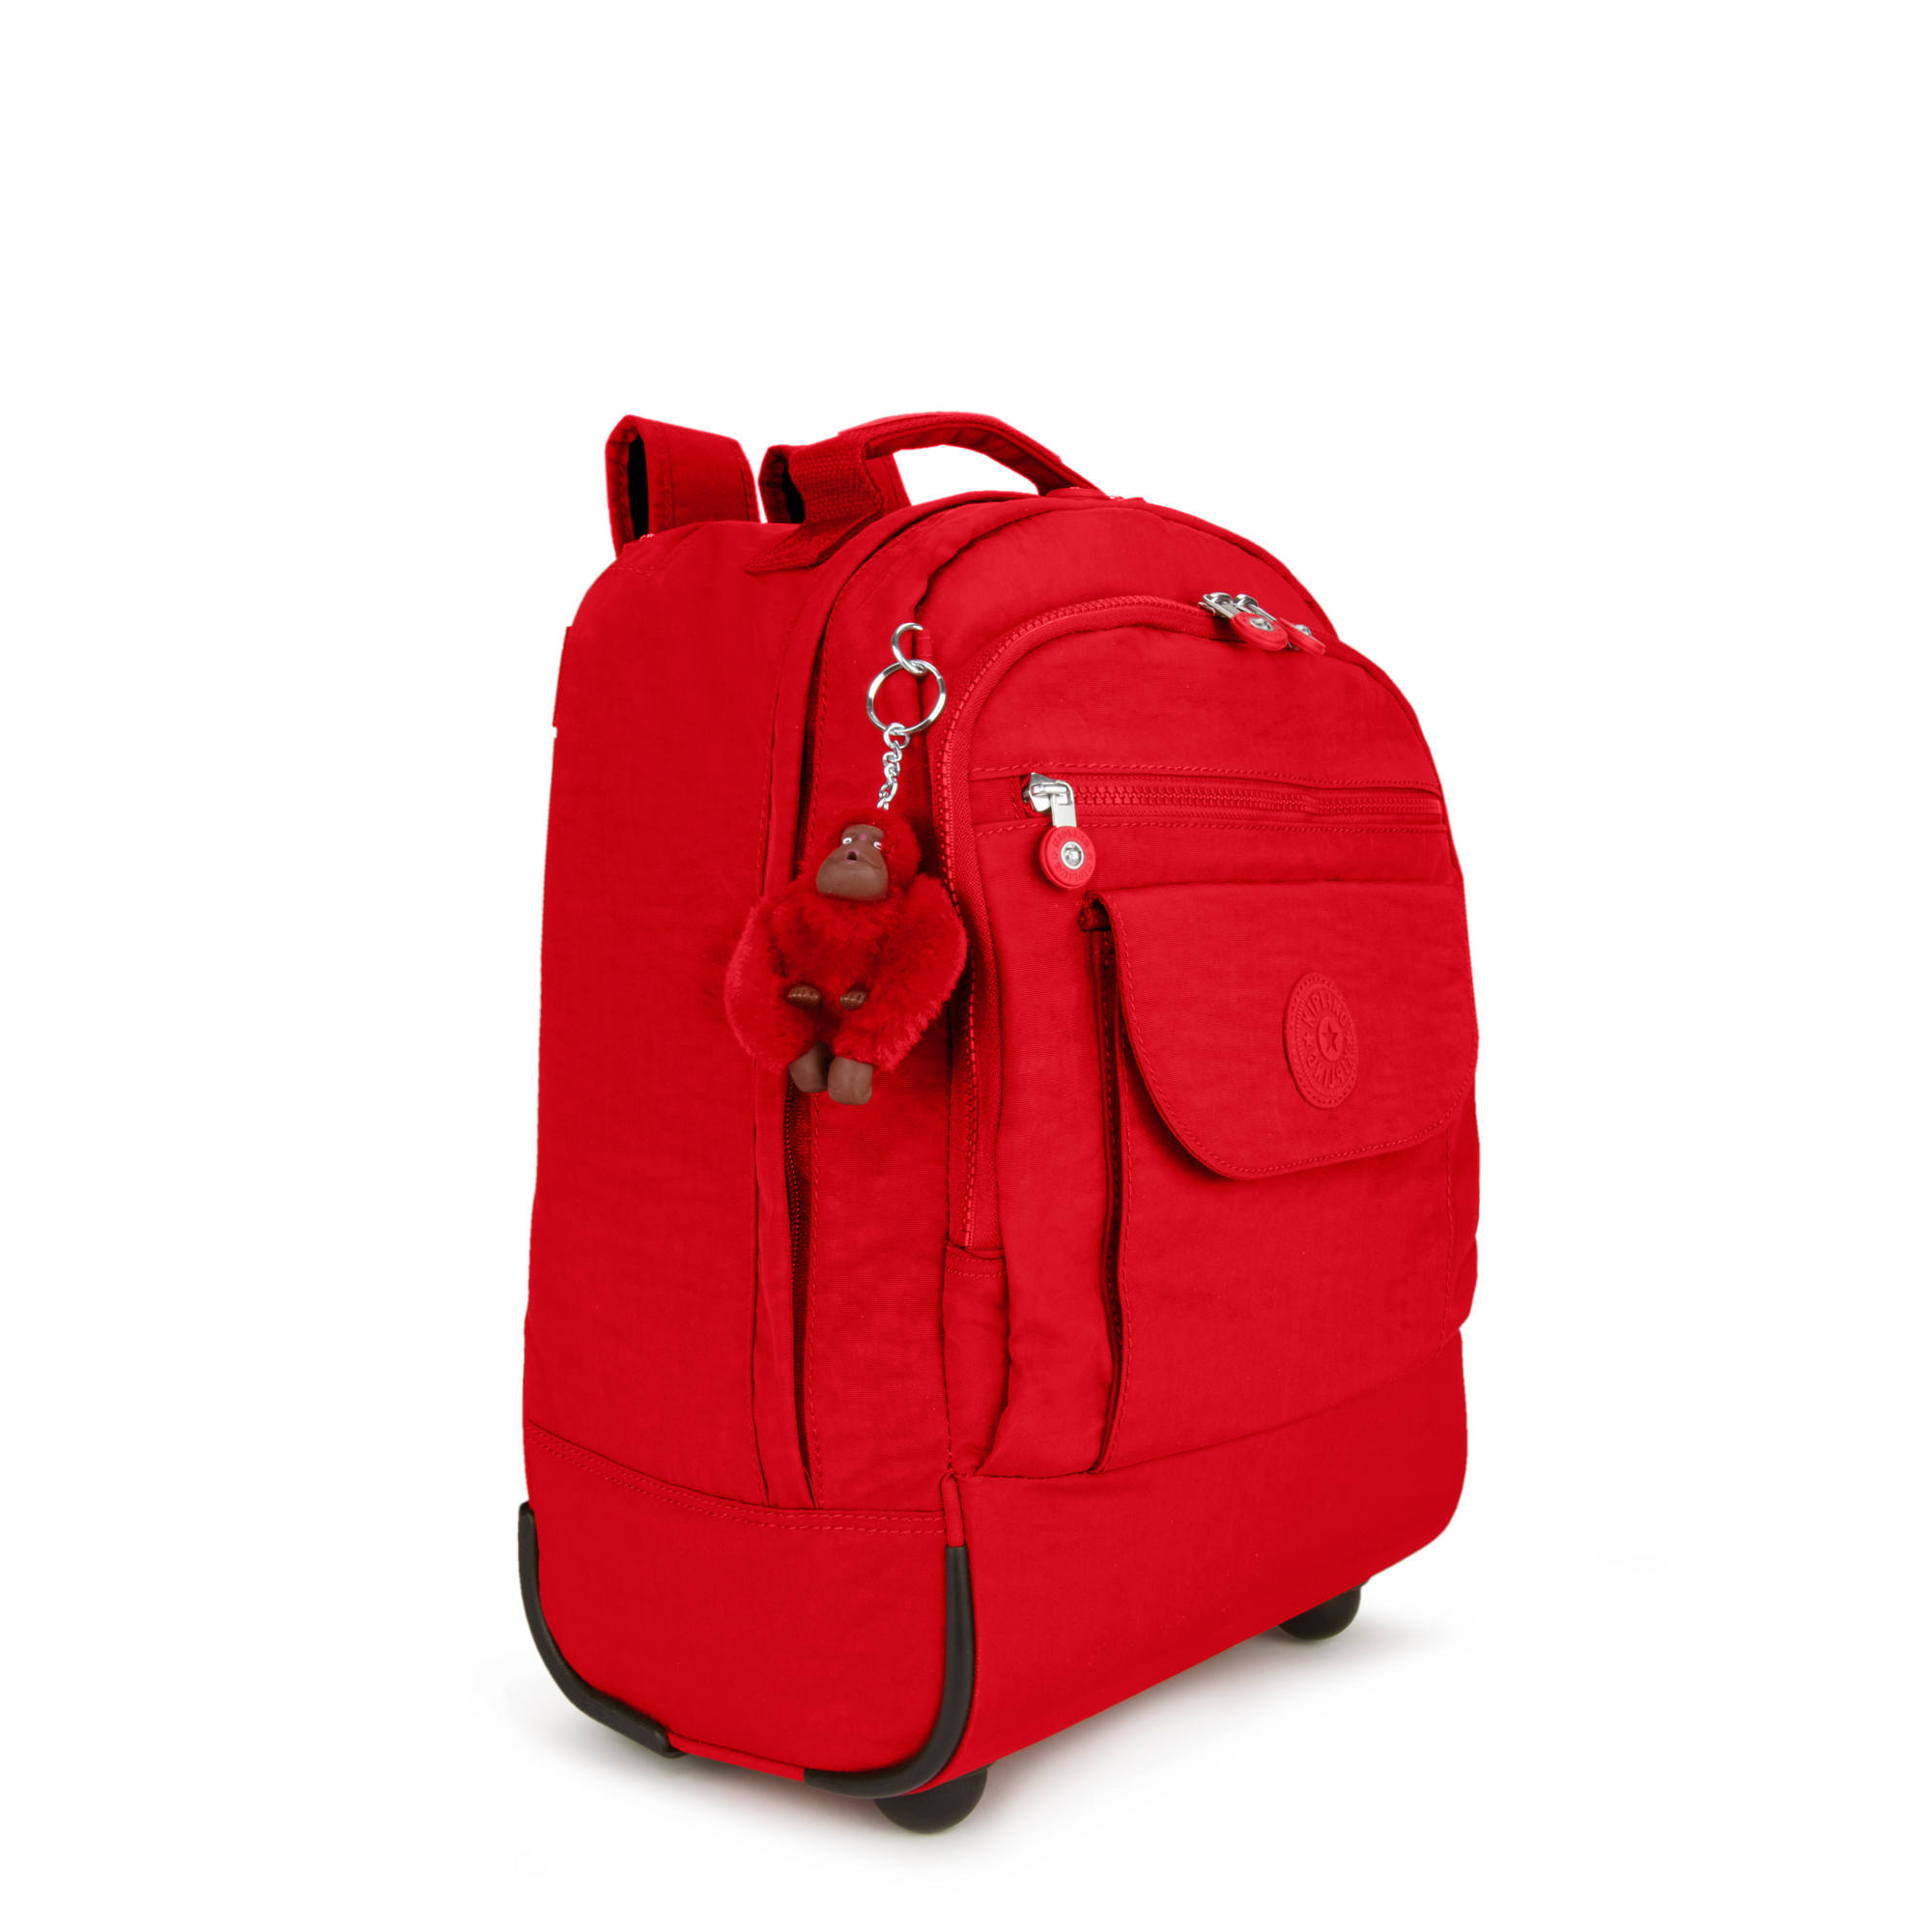 b95b9173e Kipling-Sanaa-Rolling-Backpack thumbnail 11